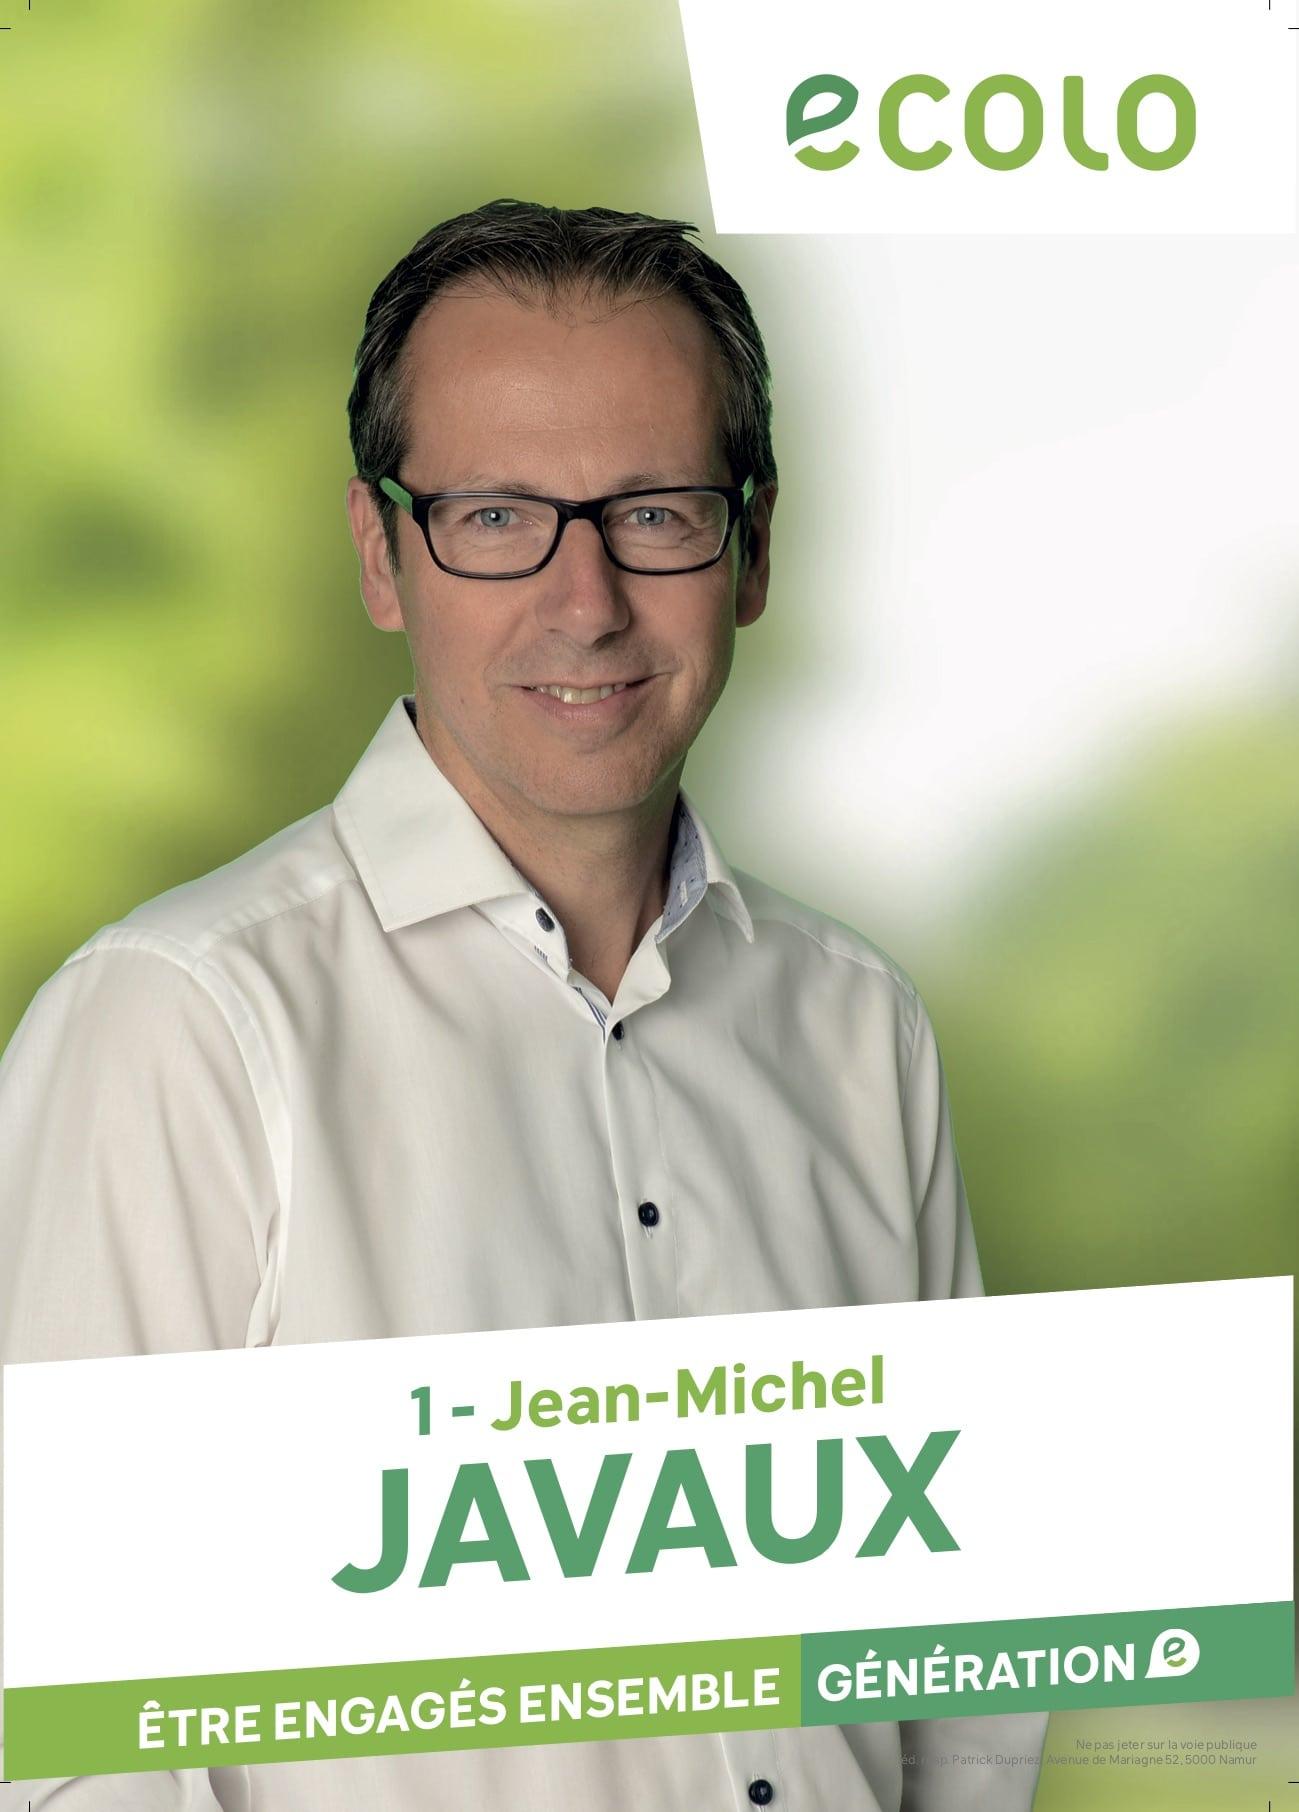 Jean-Michel Javaux